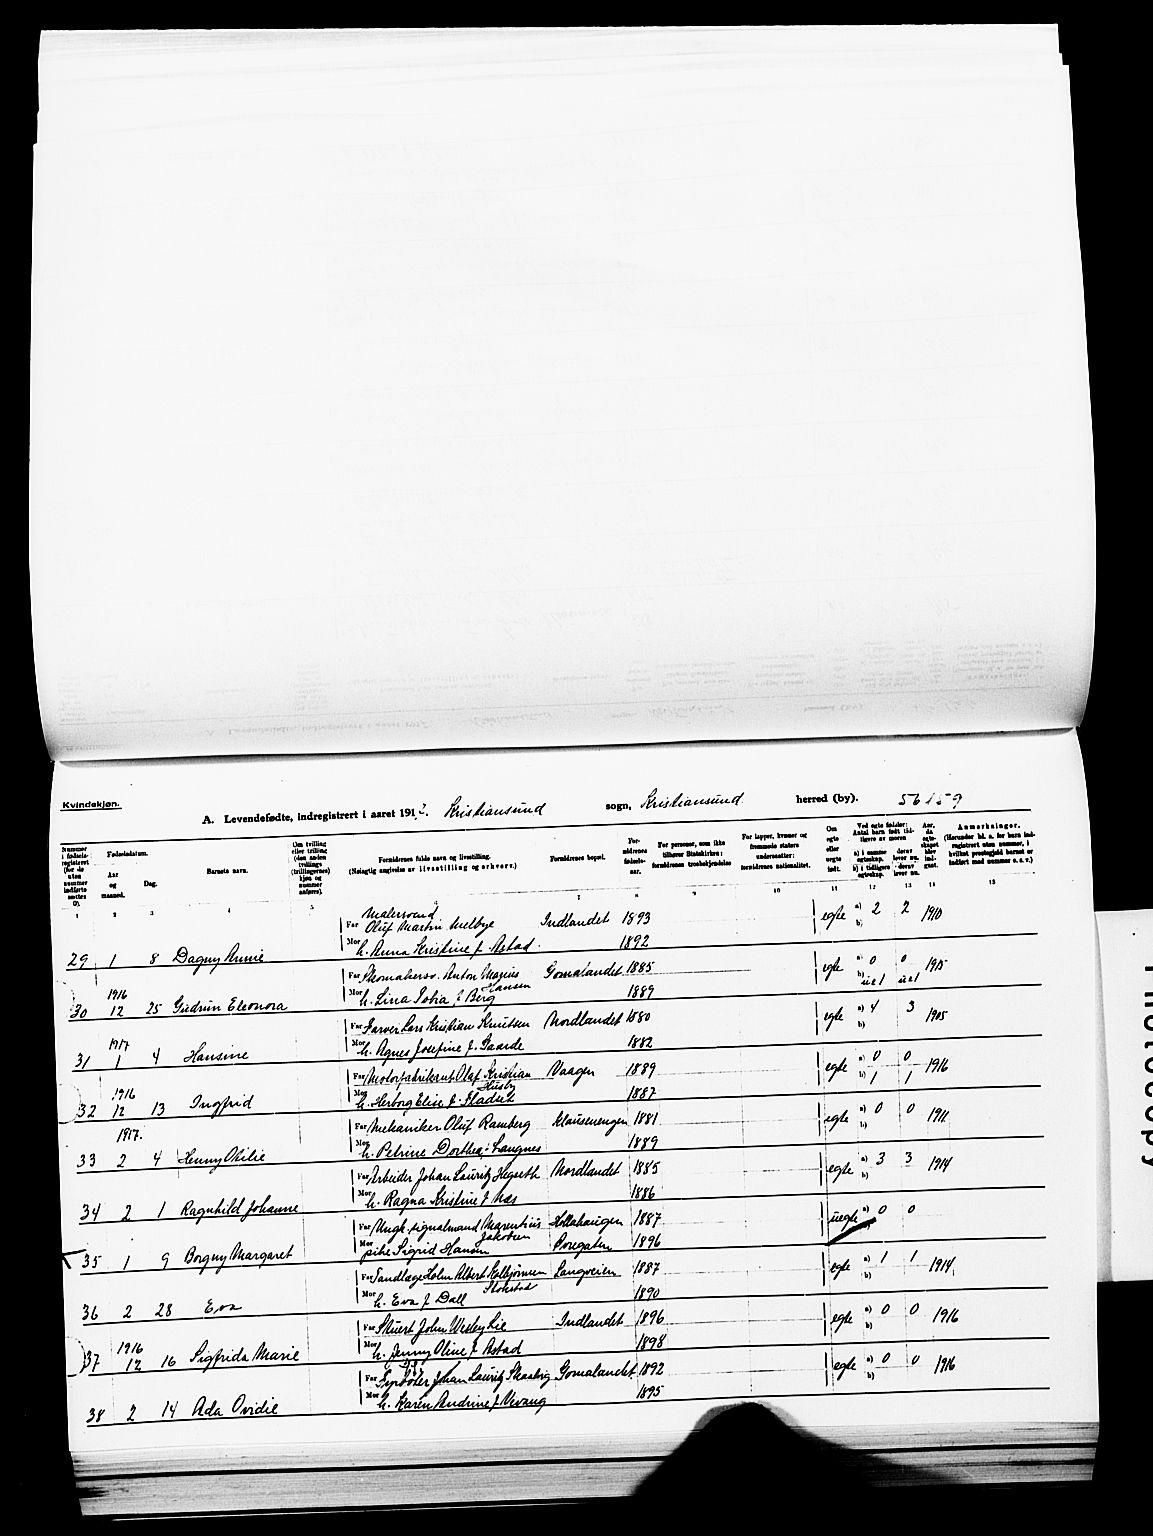 SAT, Ministerialprotokoller, klokkerbøker og fødselsregistre - Møre og Romsdal, 572/L0861: Ministerialbok nr. 572D05, 1913-1920